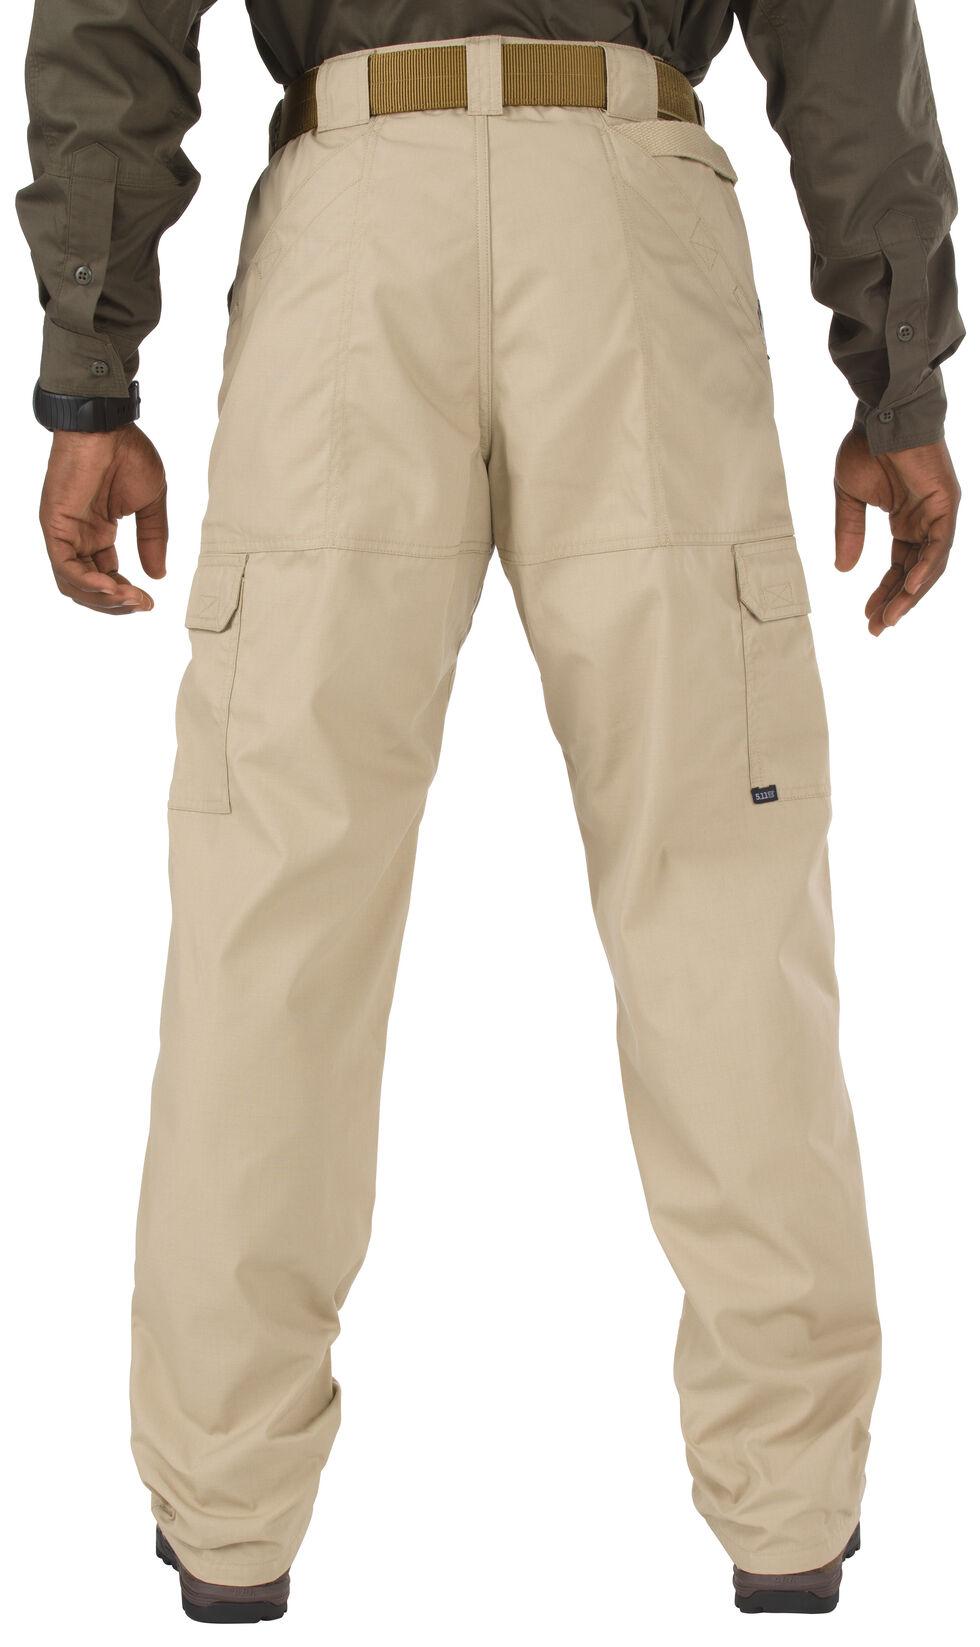 5.11 Tactical Taclite Pro Pants, Khaki, hi-res